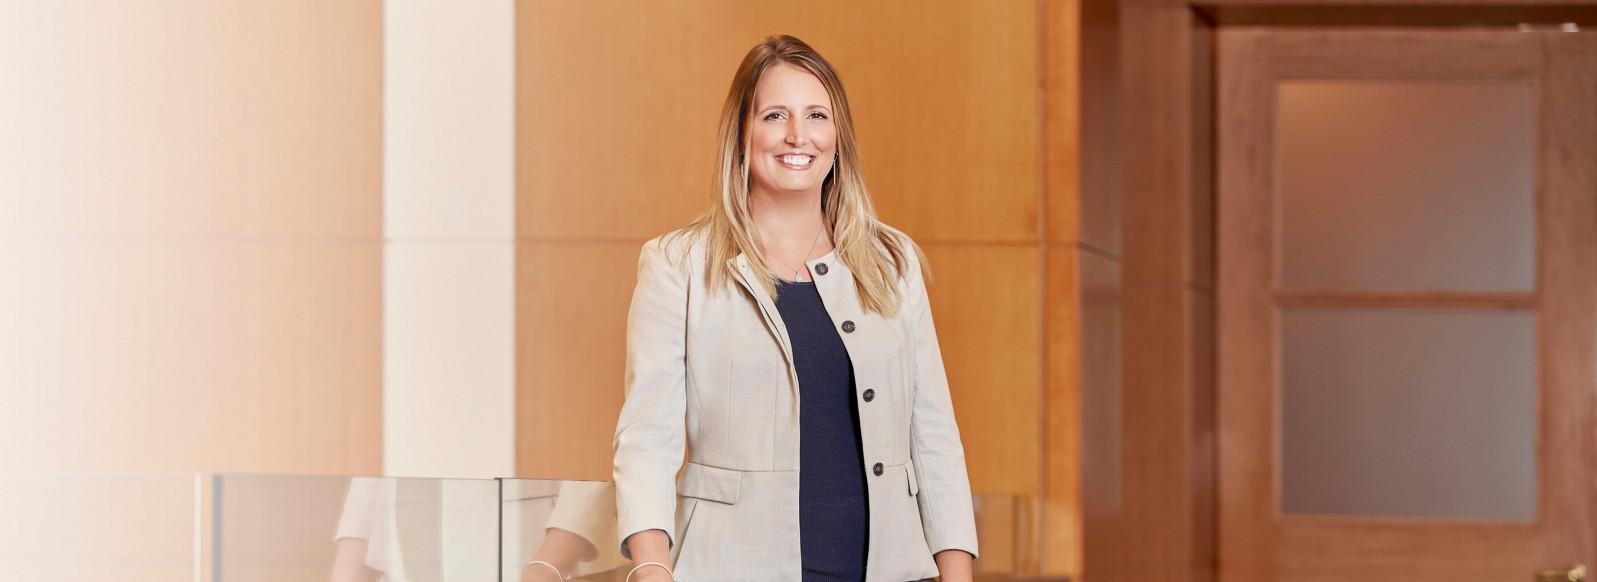 Sarah E. Proctor